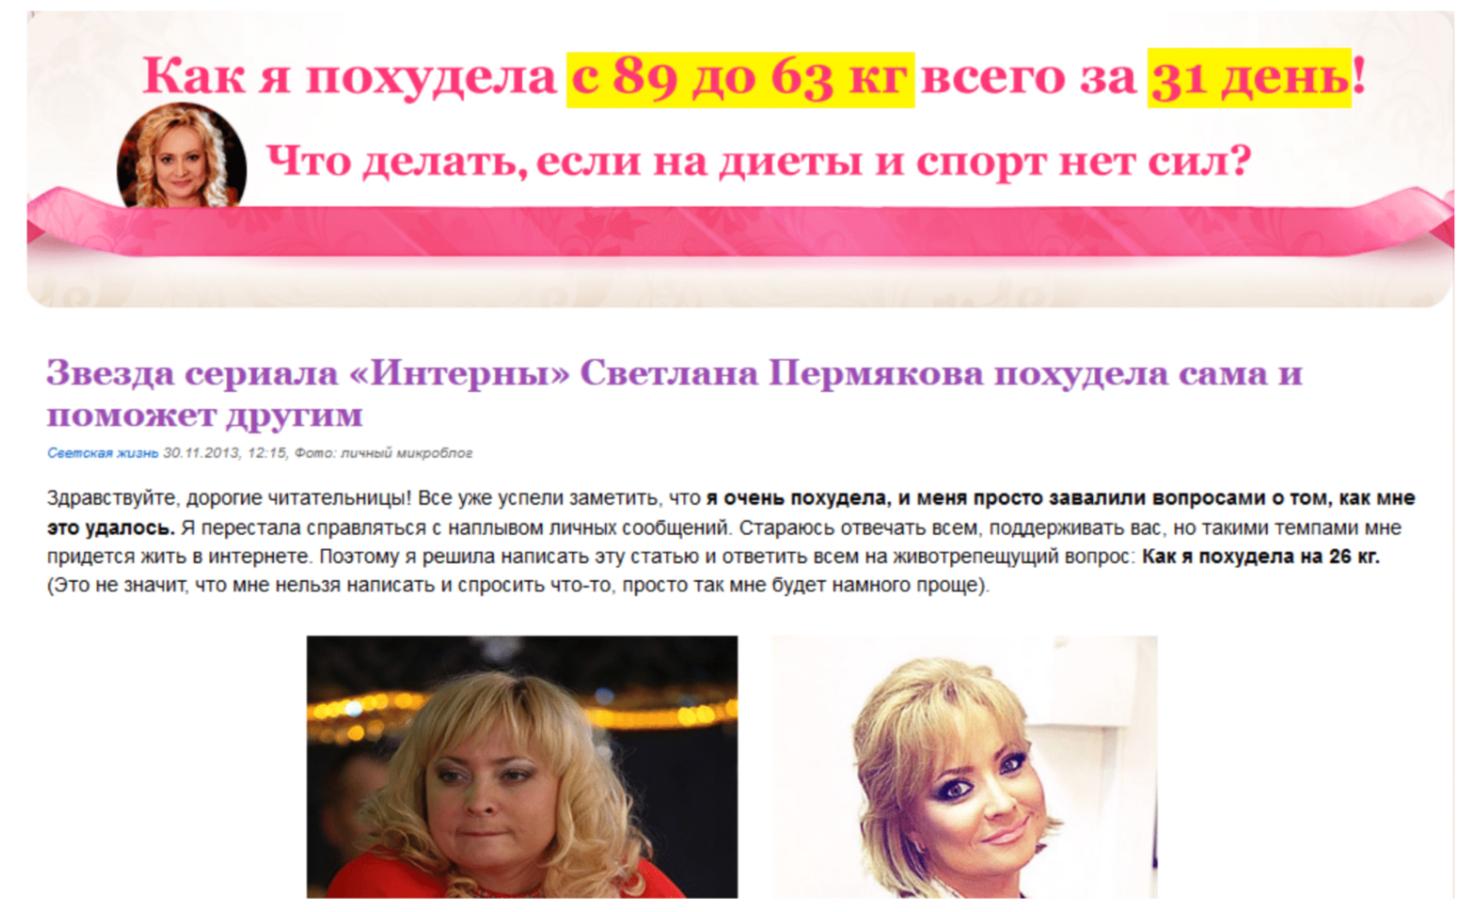 Рис. Методика похудения якобы от актрисы Пермяковой;